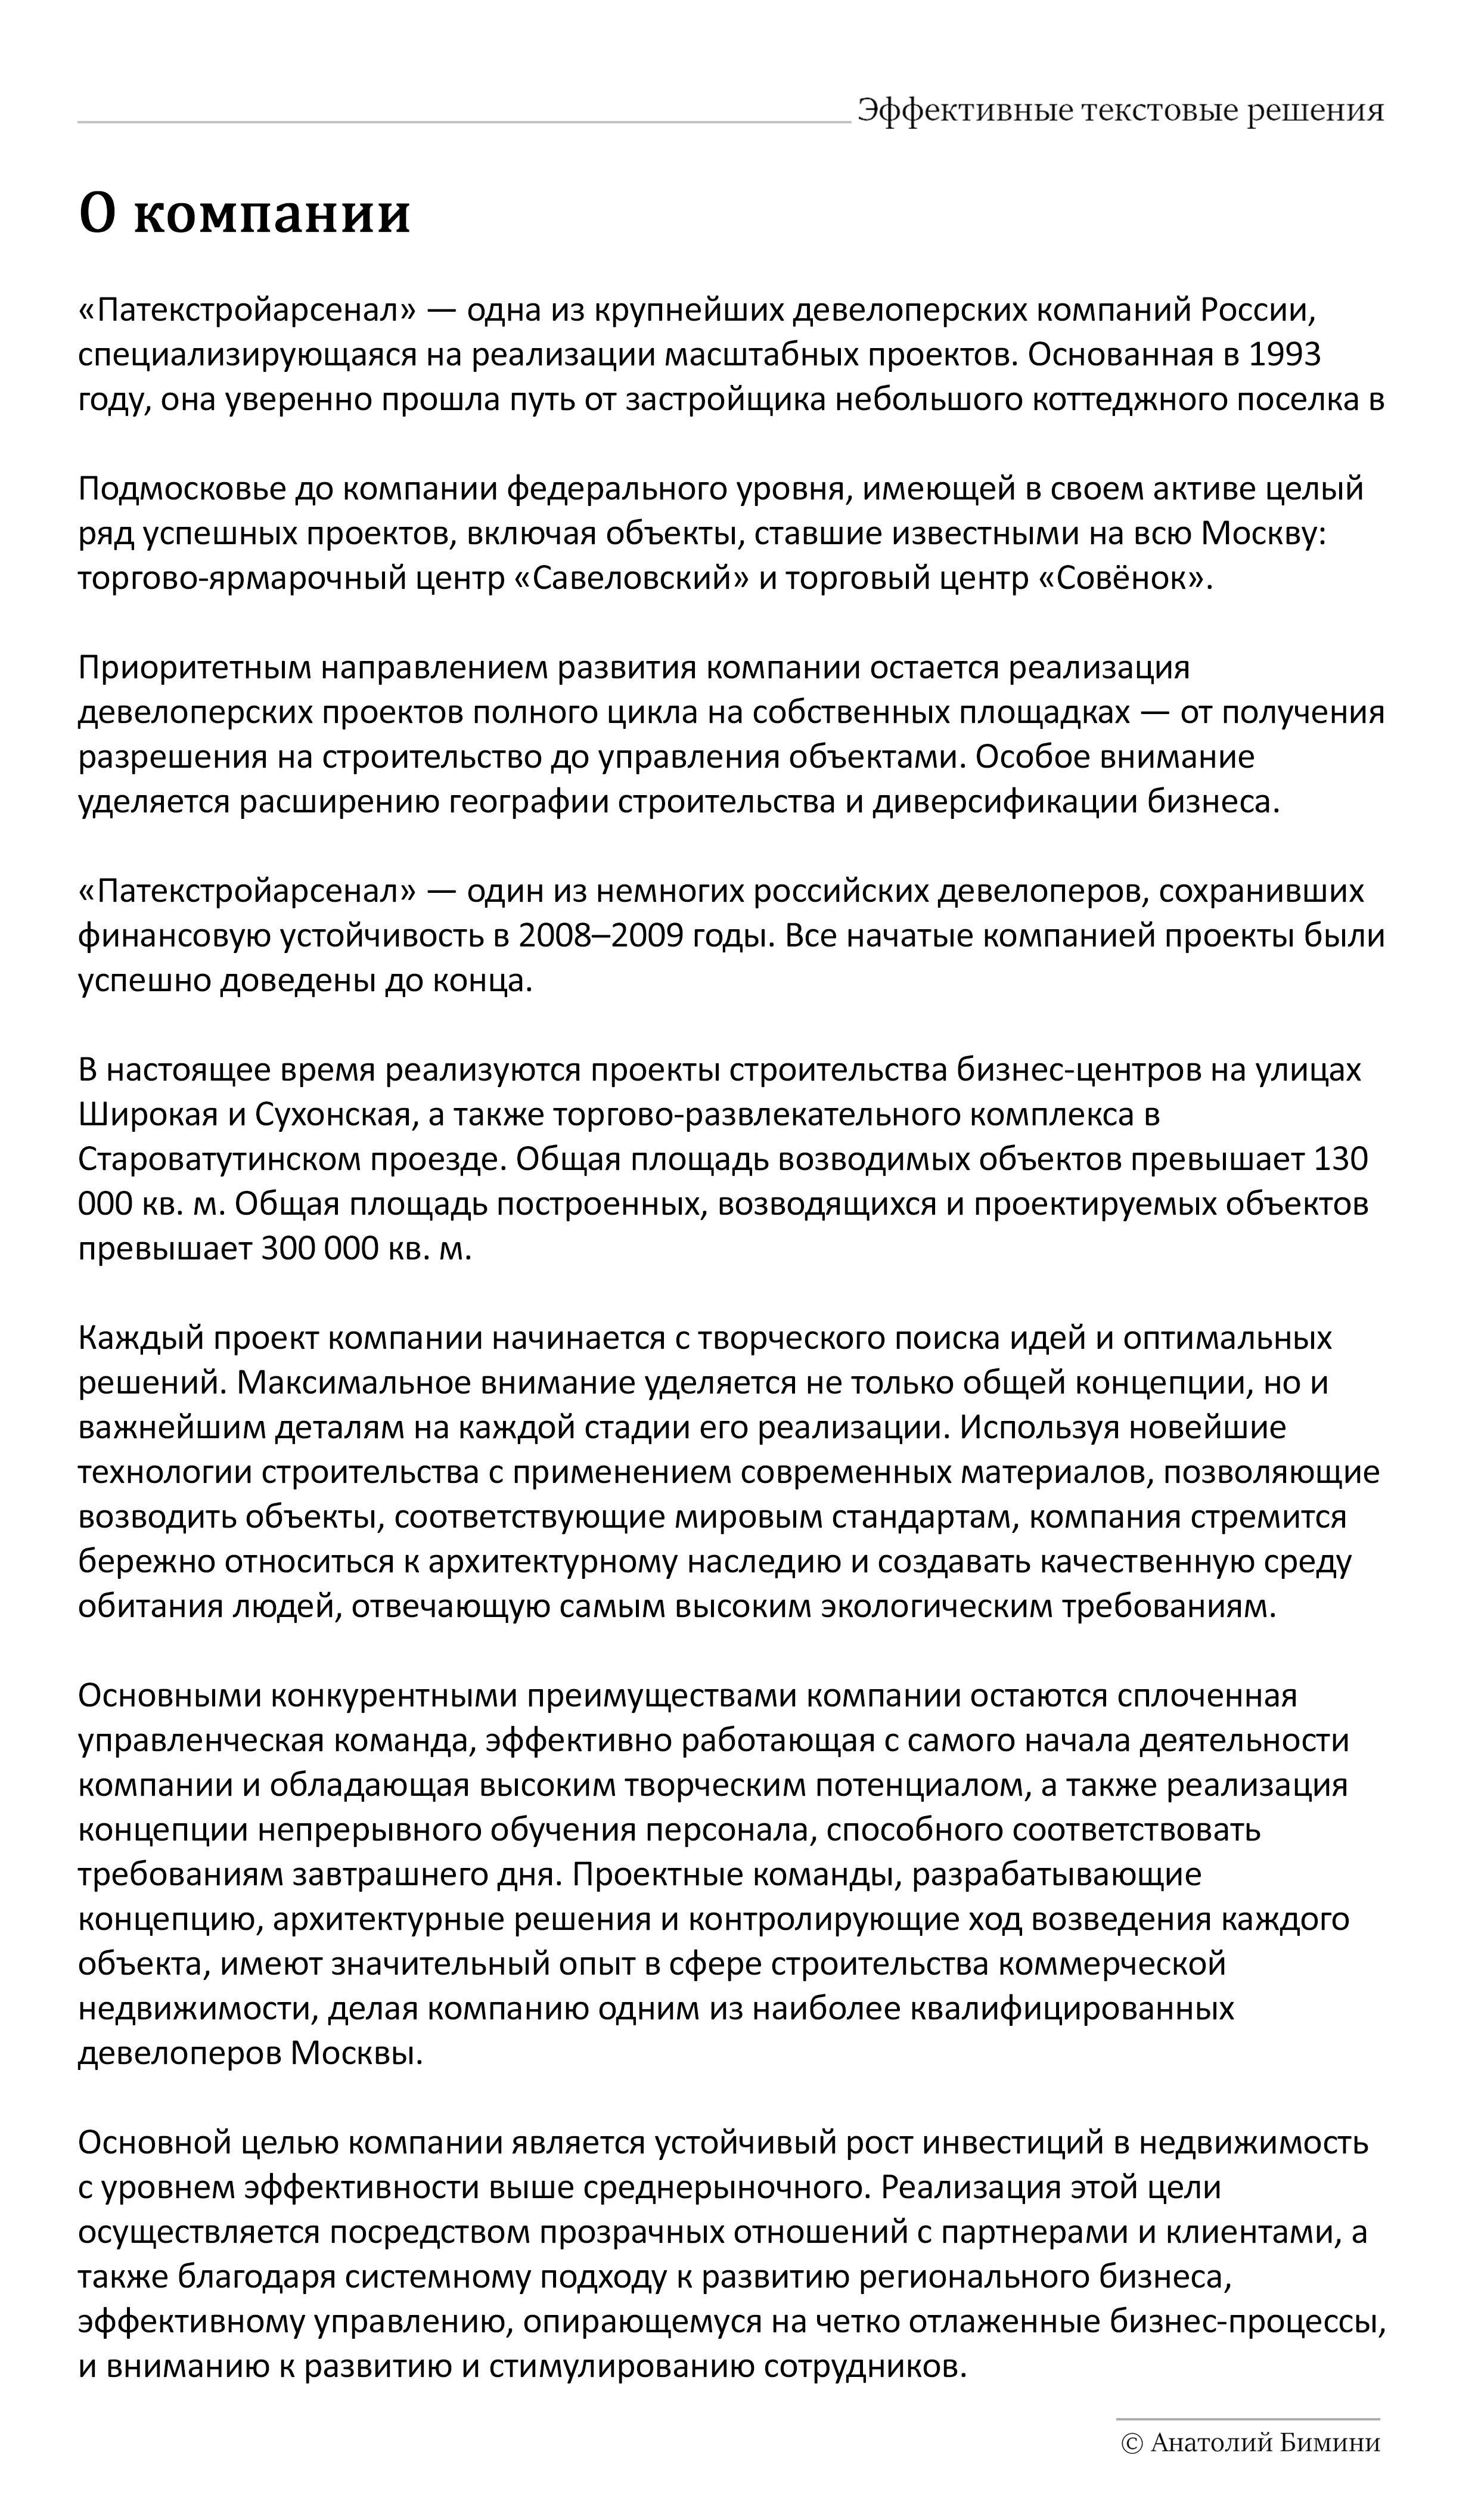 """Девелоперская компания """"Патек Групп"""" (о компании)"""